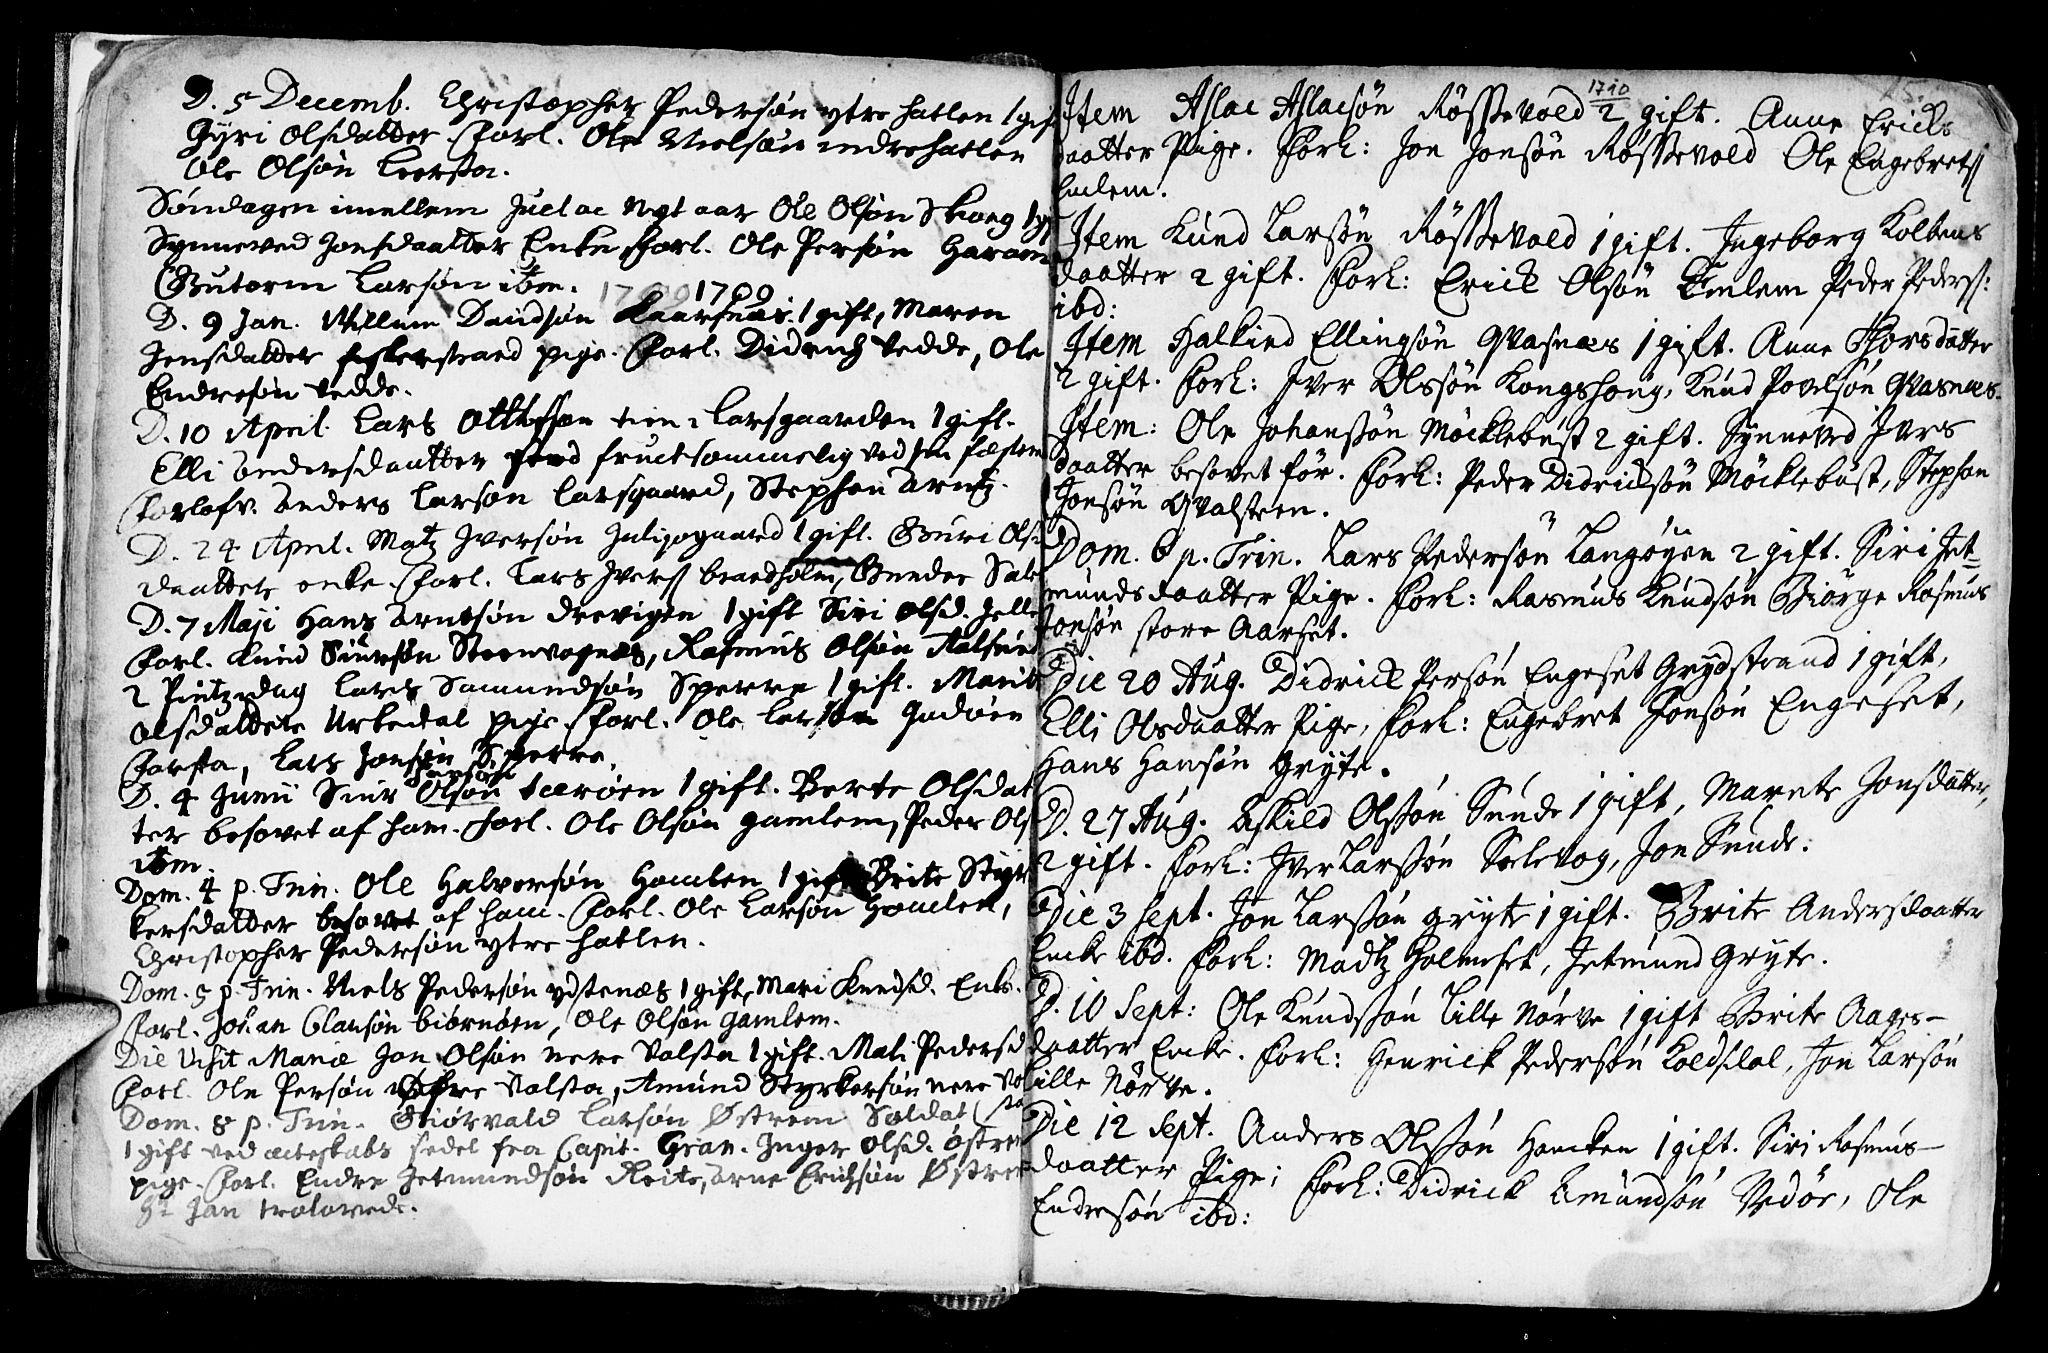 SAT, Ministerialprotokoller, klokkerbøker og fødselsregistre - Møre og Romsdal, 528/L0390: Ministerialbok nr. 528A01, 1698-1739, s. 14-15